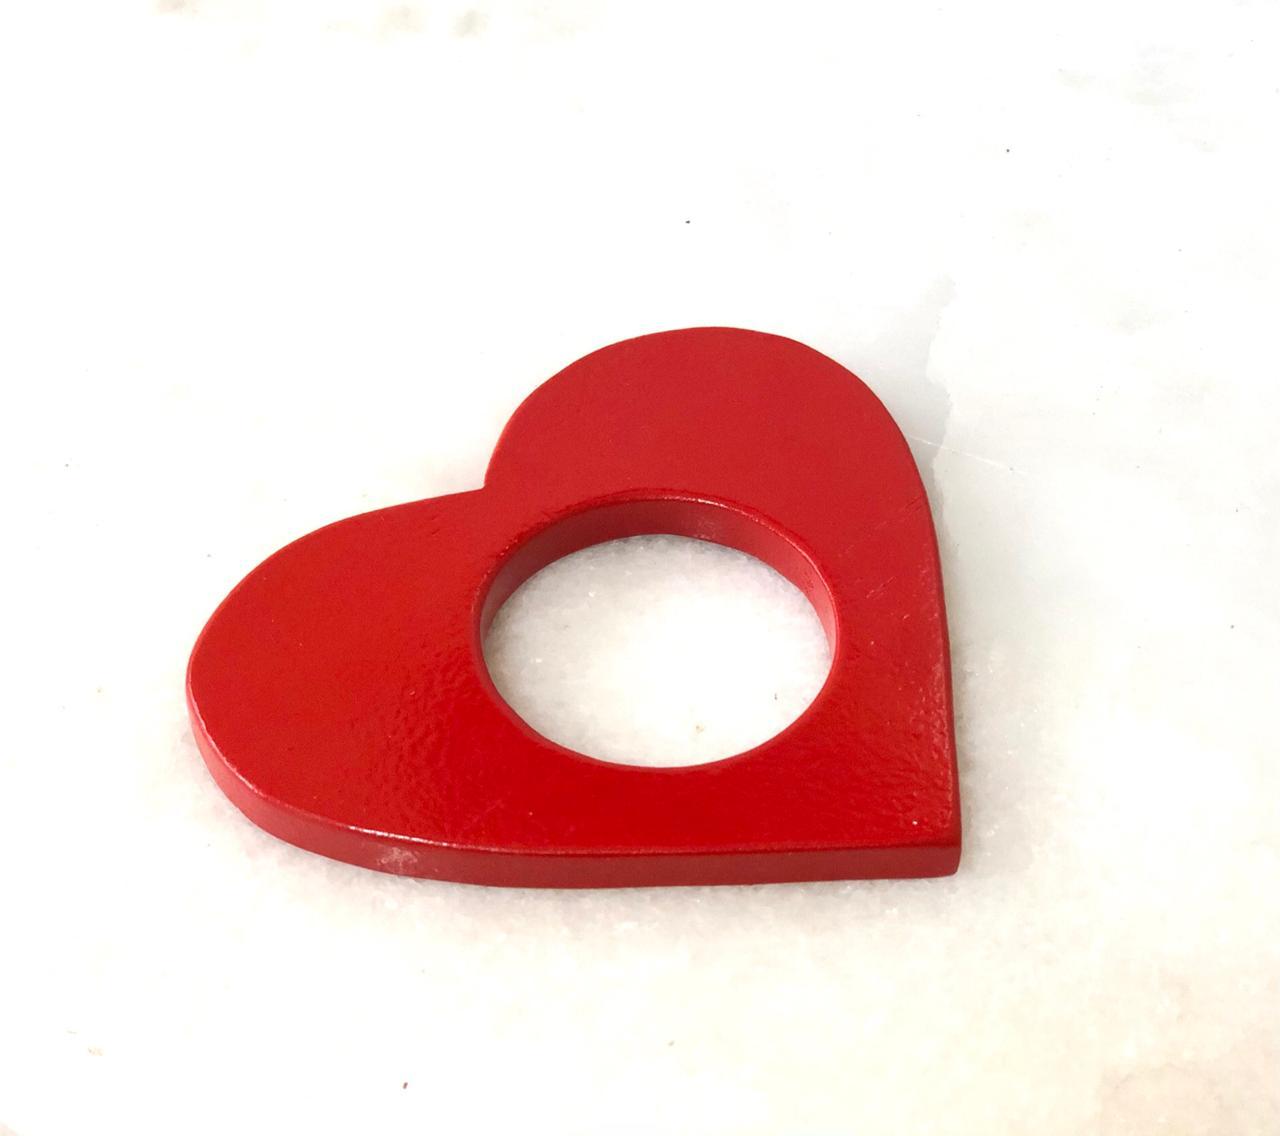 Porta guardanapos formato coração de pinus Vermelho - Cód. OC280V